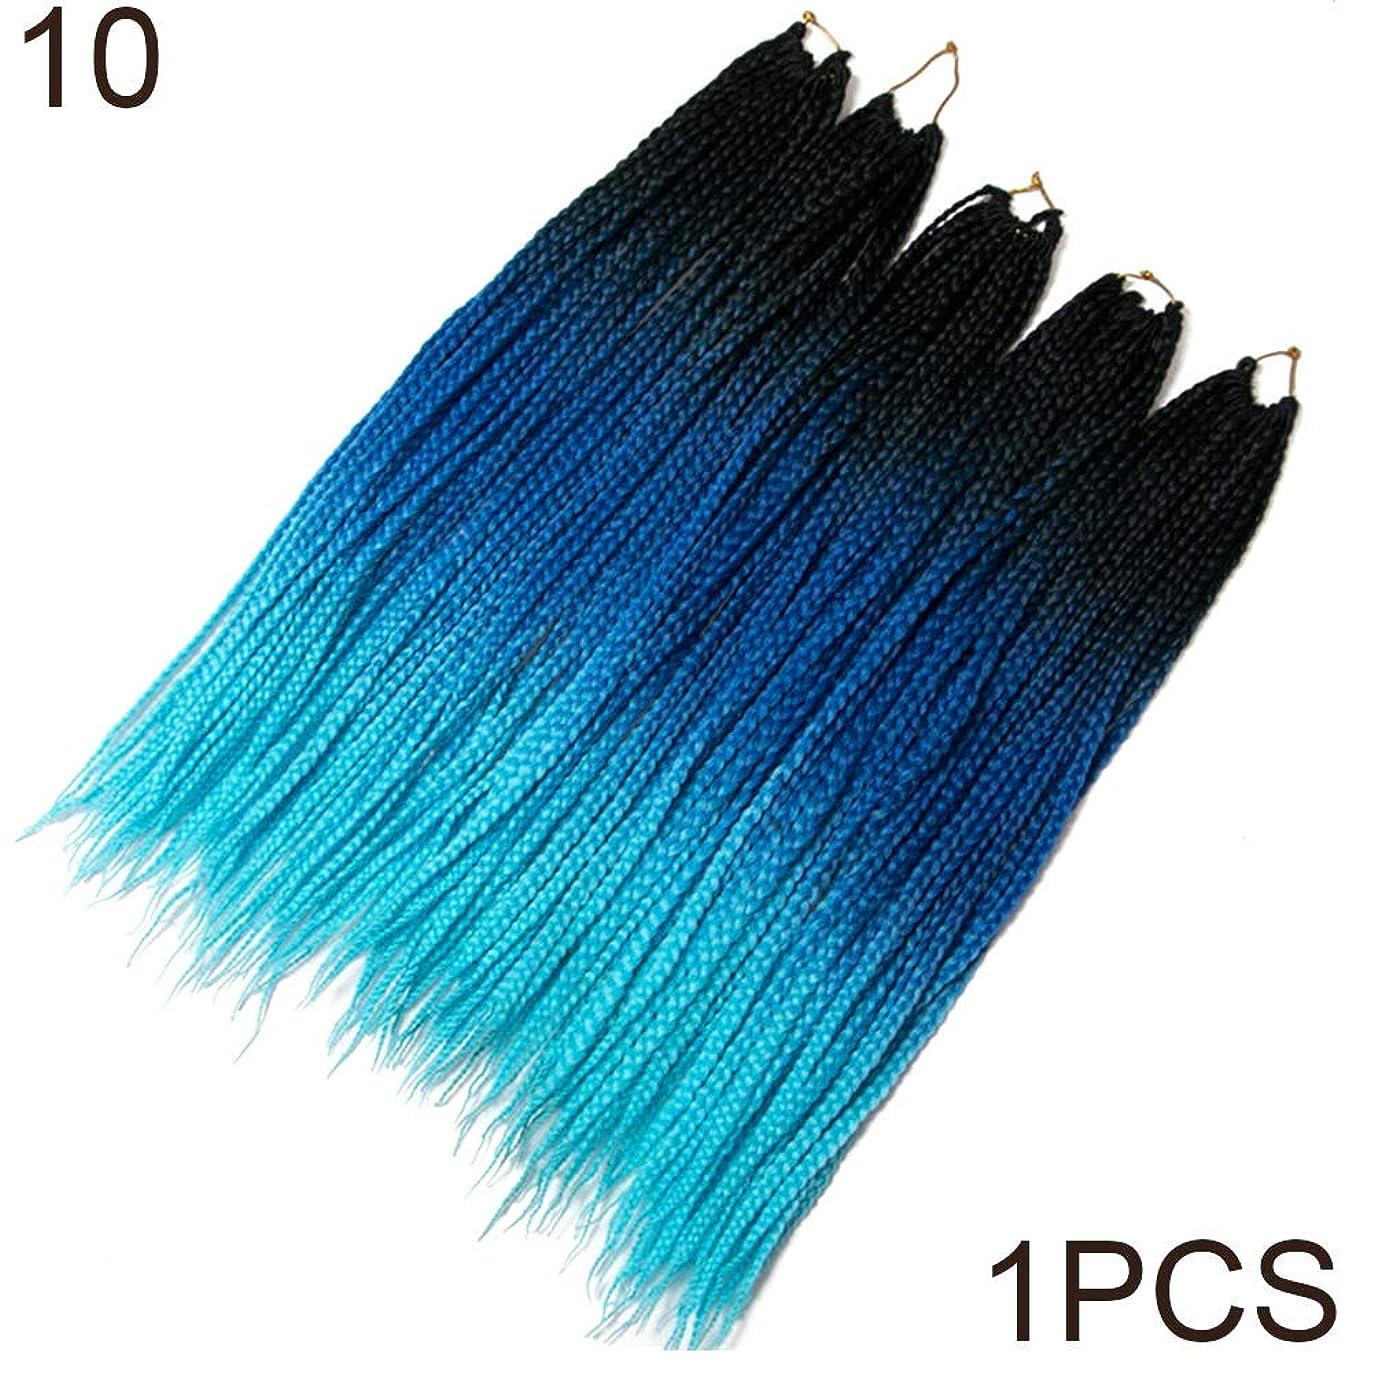 リテラシーかき混ぜる実施するslQinjiansav女性ウィッグ修理ツール60cm長いソフトかぎ針編みツイスト編み合成ヘアエクステンションカラーブロックウィッグ